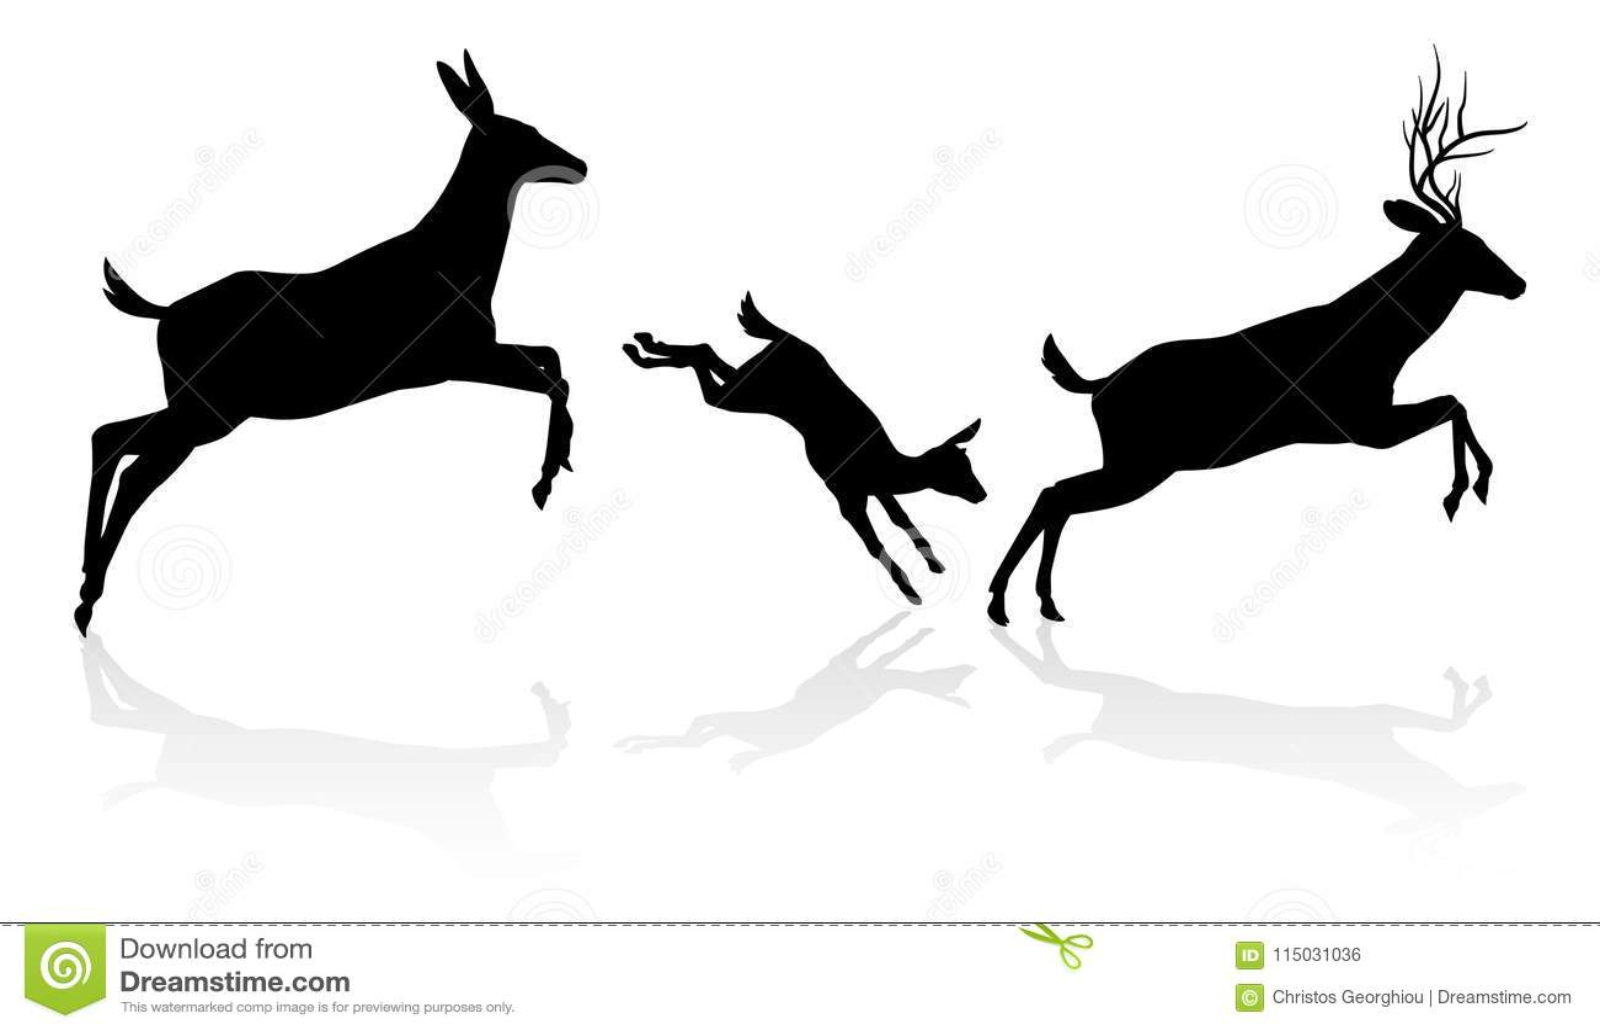 Deer Family Silhouette Stock Vector Illustration Of Antler 115031036